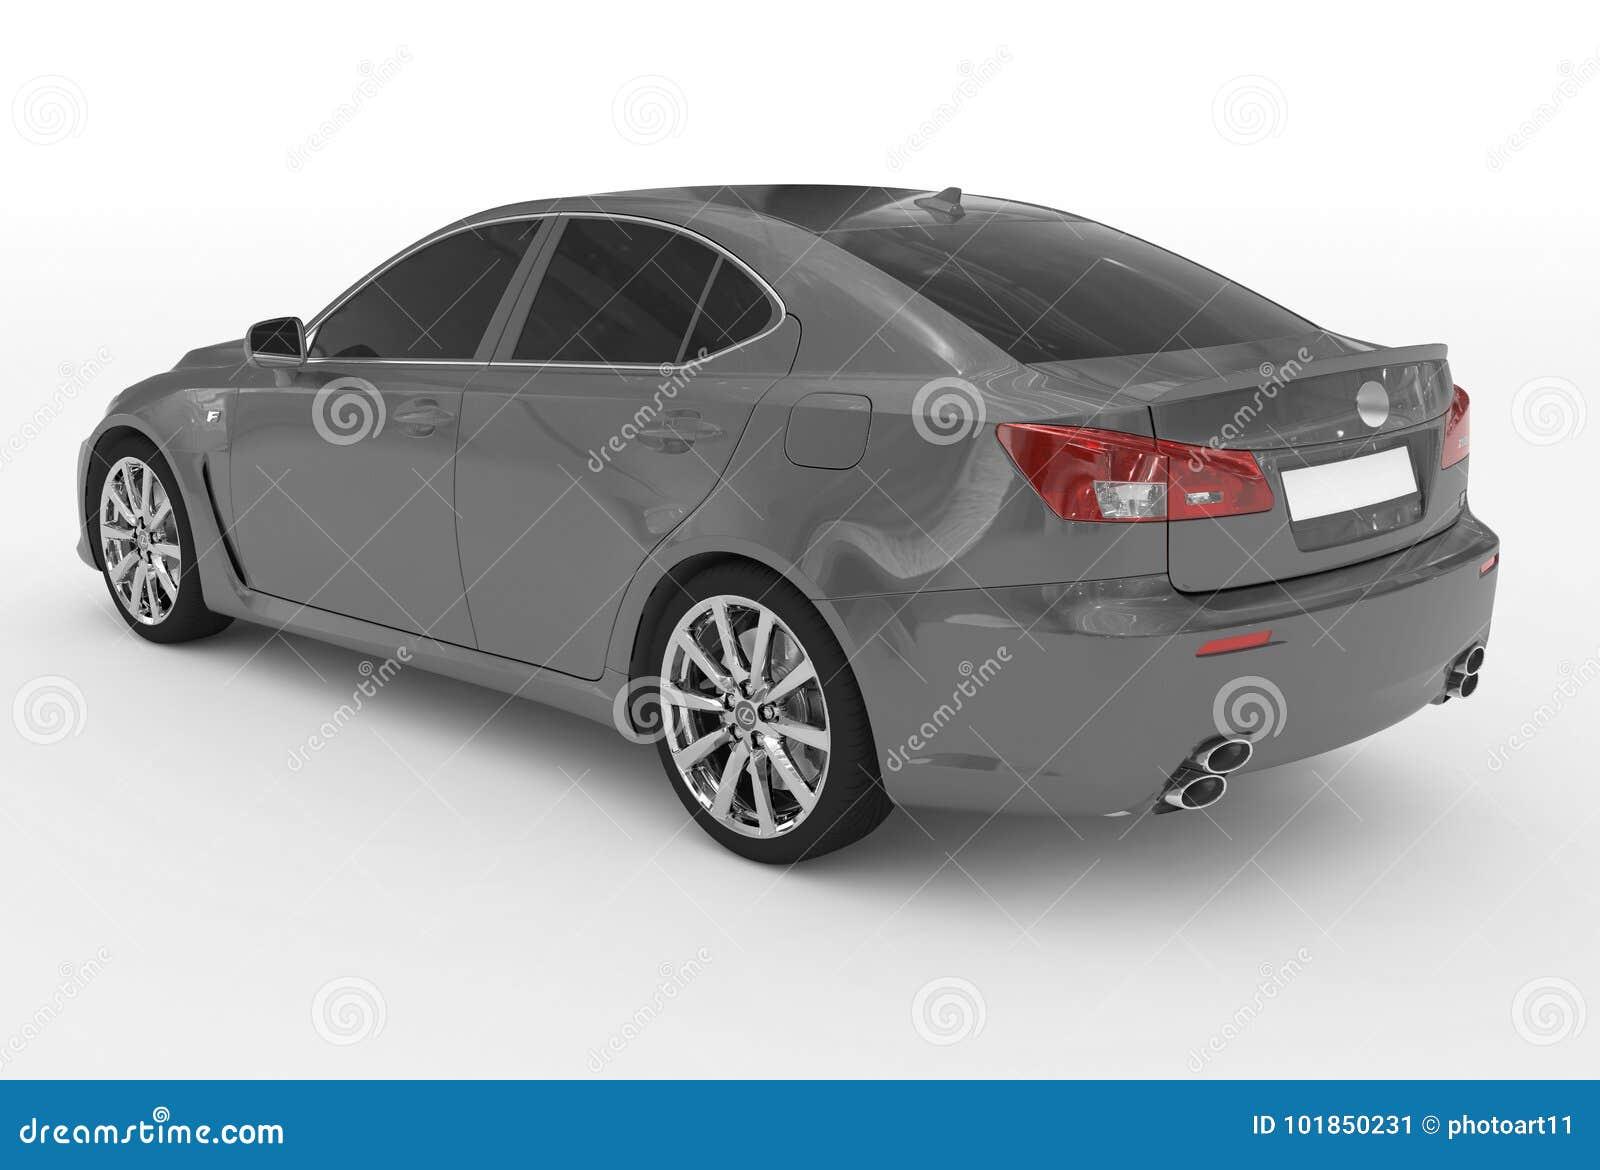 Автомобиль изолированный на бело- серой краске, подкрашиванном стекле - назад-левом sid